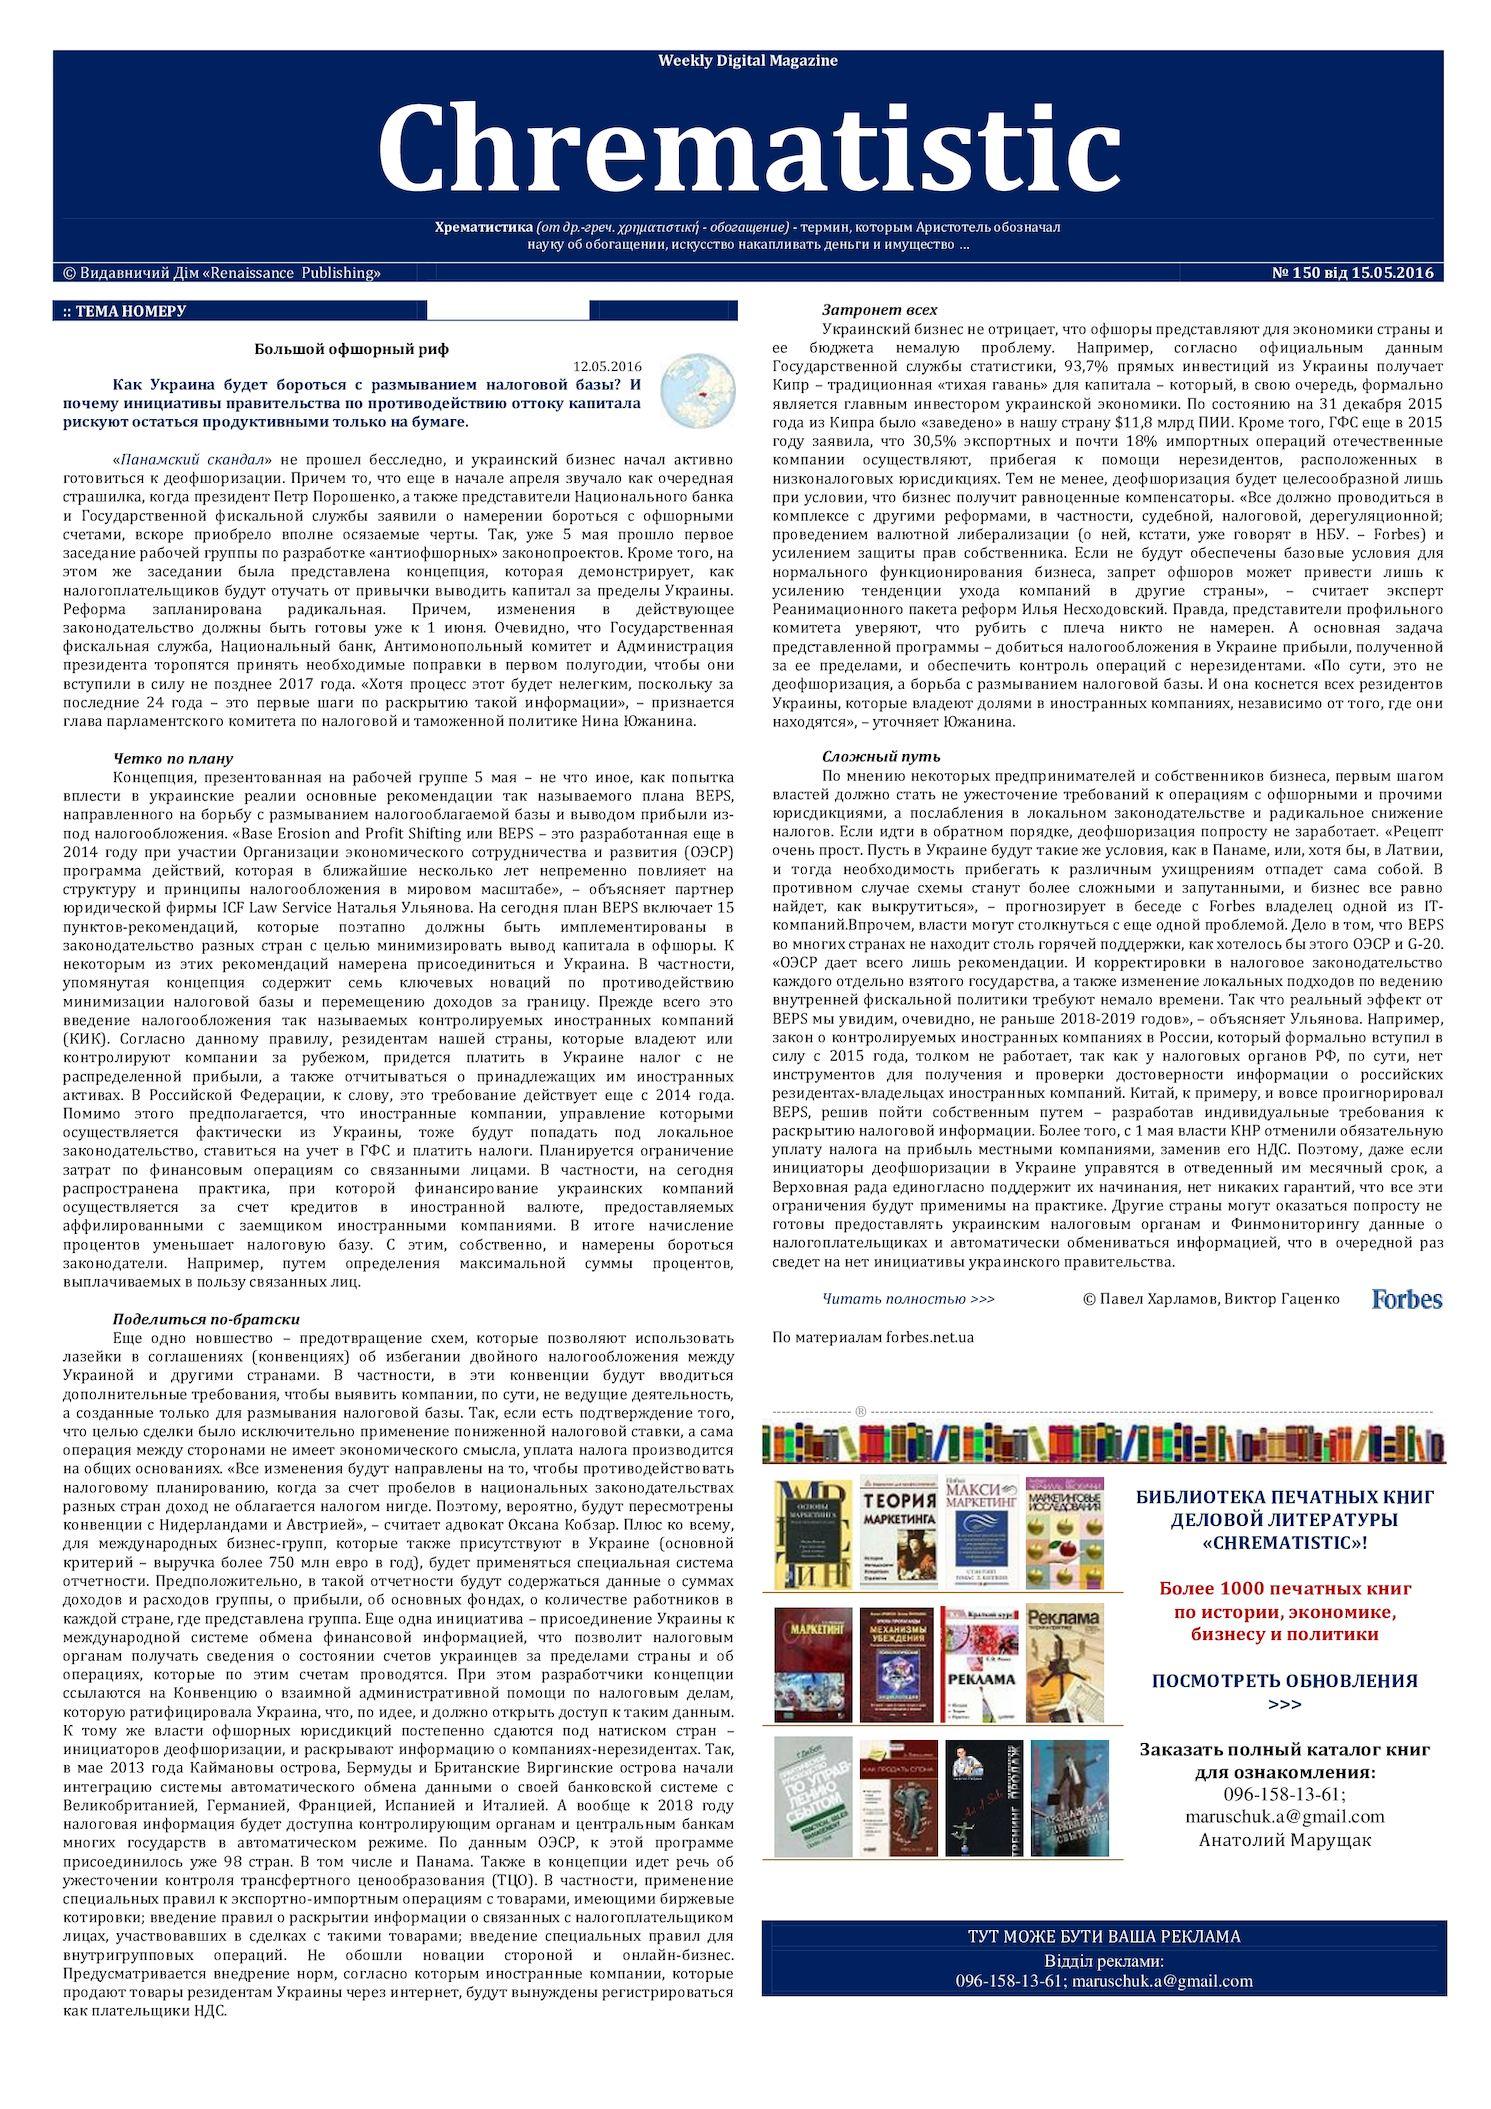 Calaméo - №150 Wdm «Chrematistic» от 15 05 2016 4f79c1fe920f8